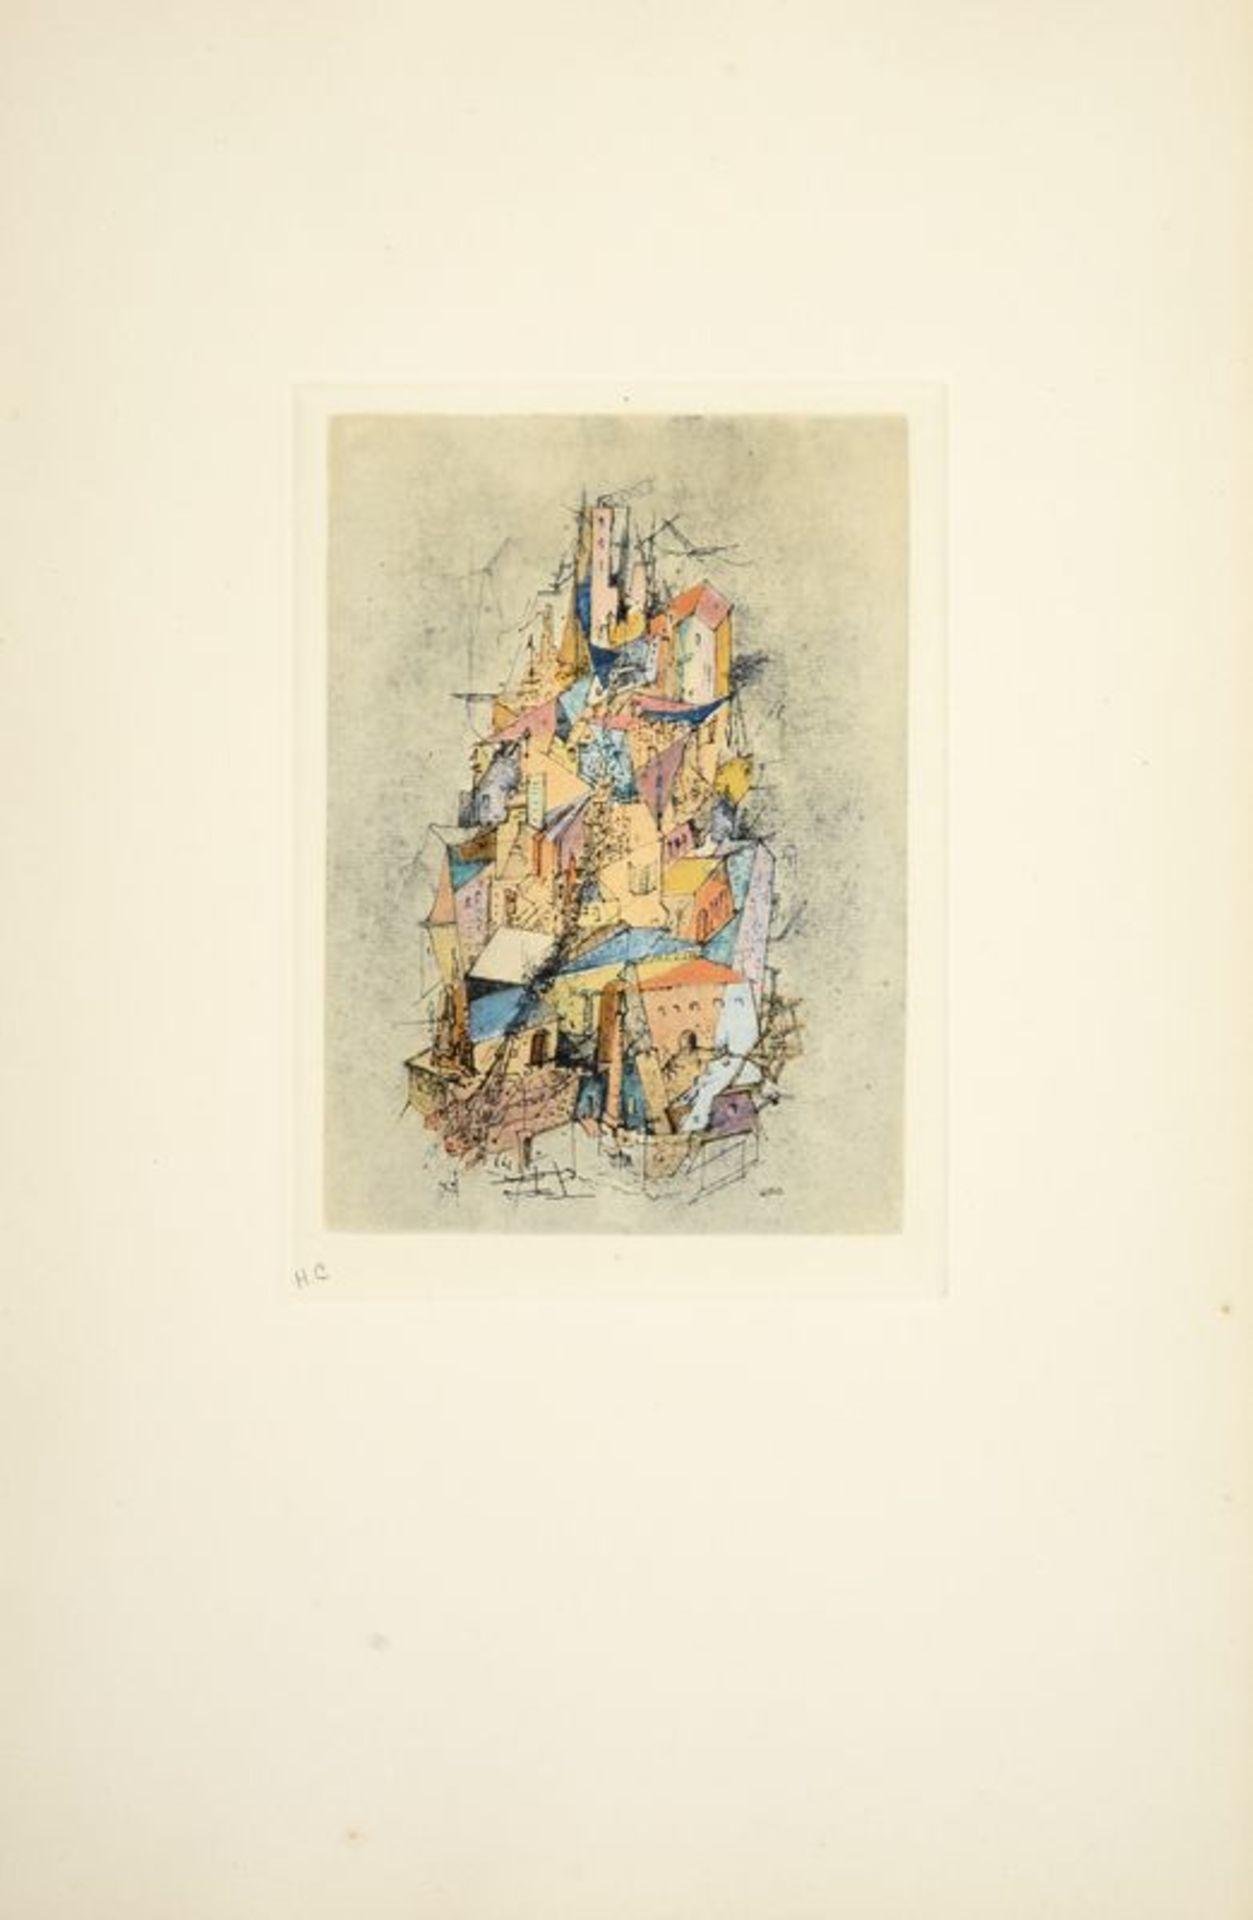 Los 14 - Otto WOLS (1913 - 1951) - Soleil sur la ville déserte - Gravure en couleurs sur [...]